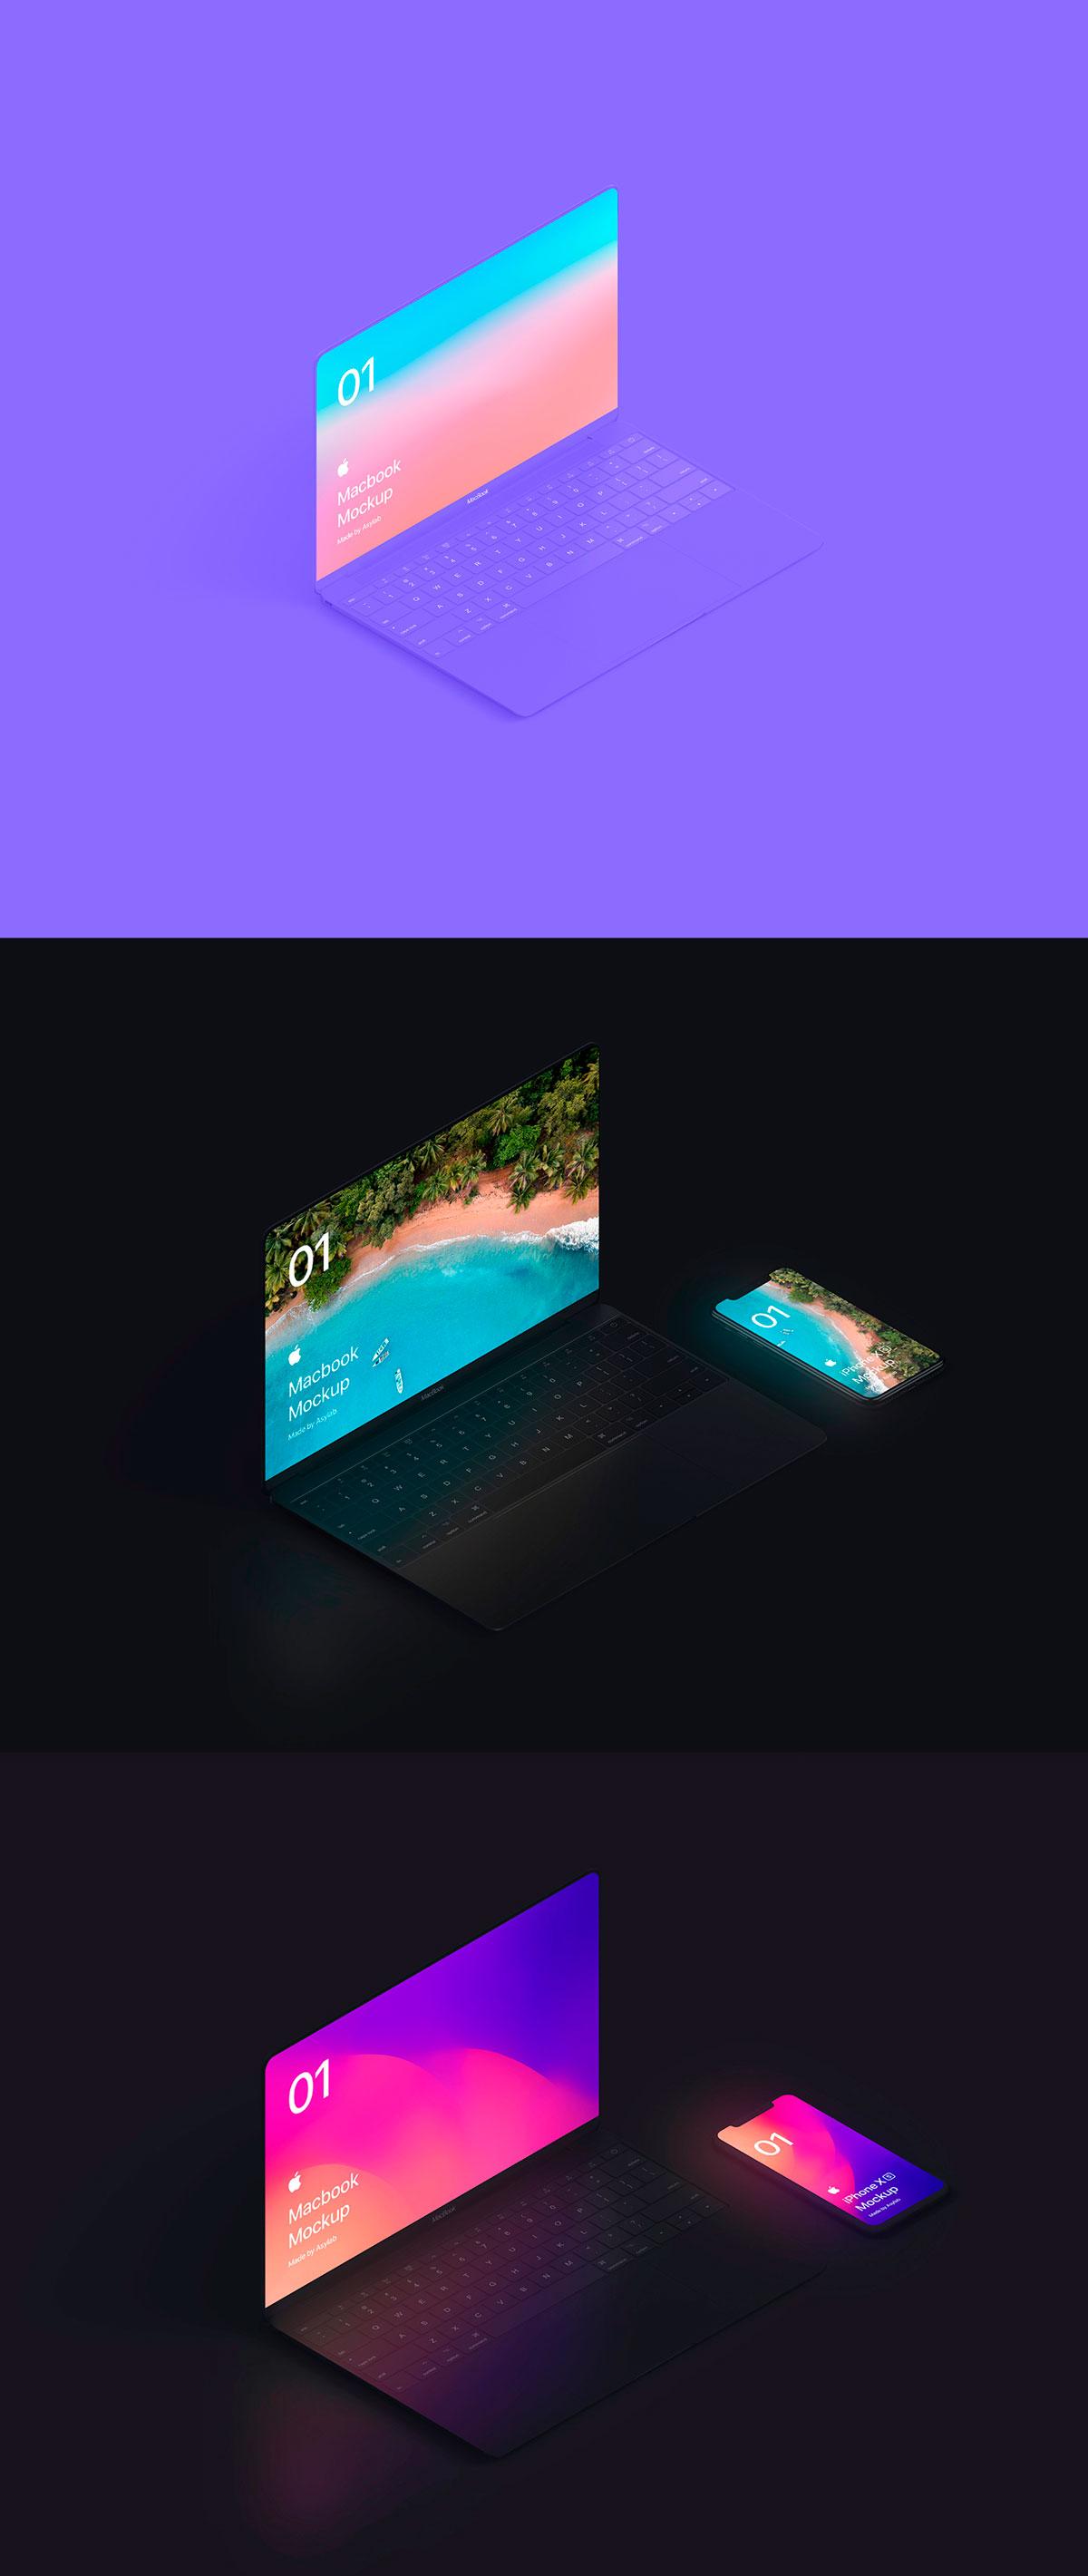 自适应网页设计等距Macbook 2018&iPhone XS展示样机模板 Macbook 10 Isometric插图(5)